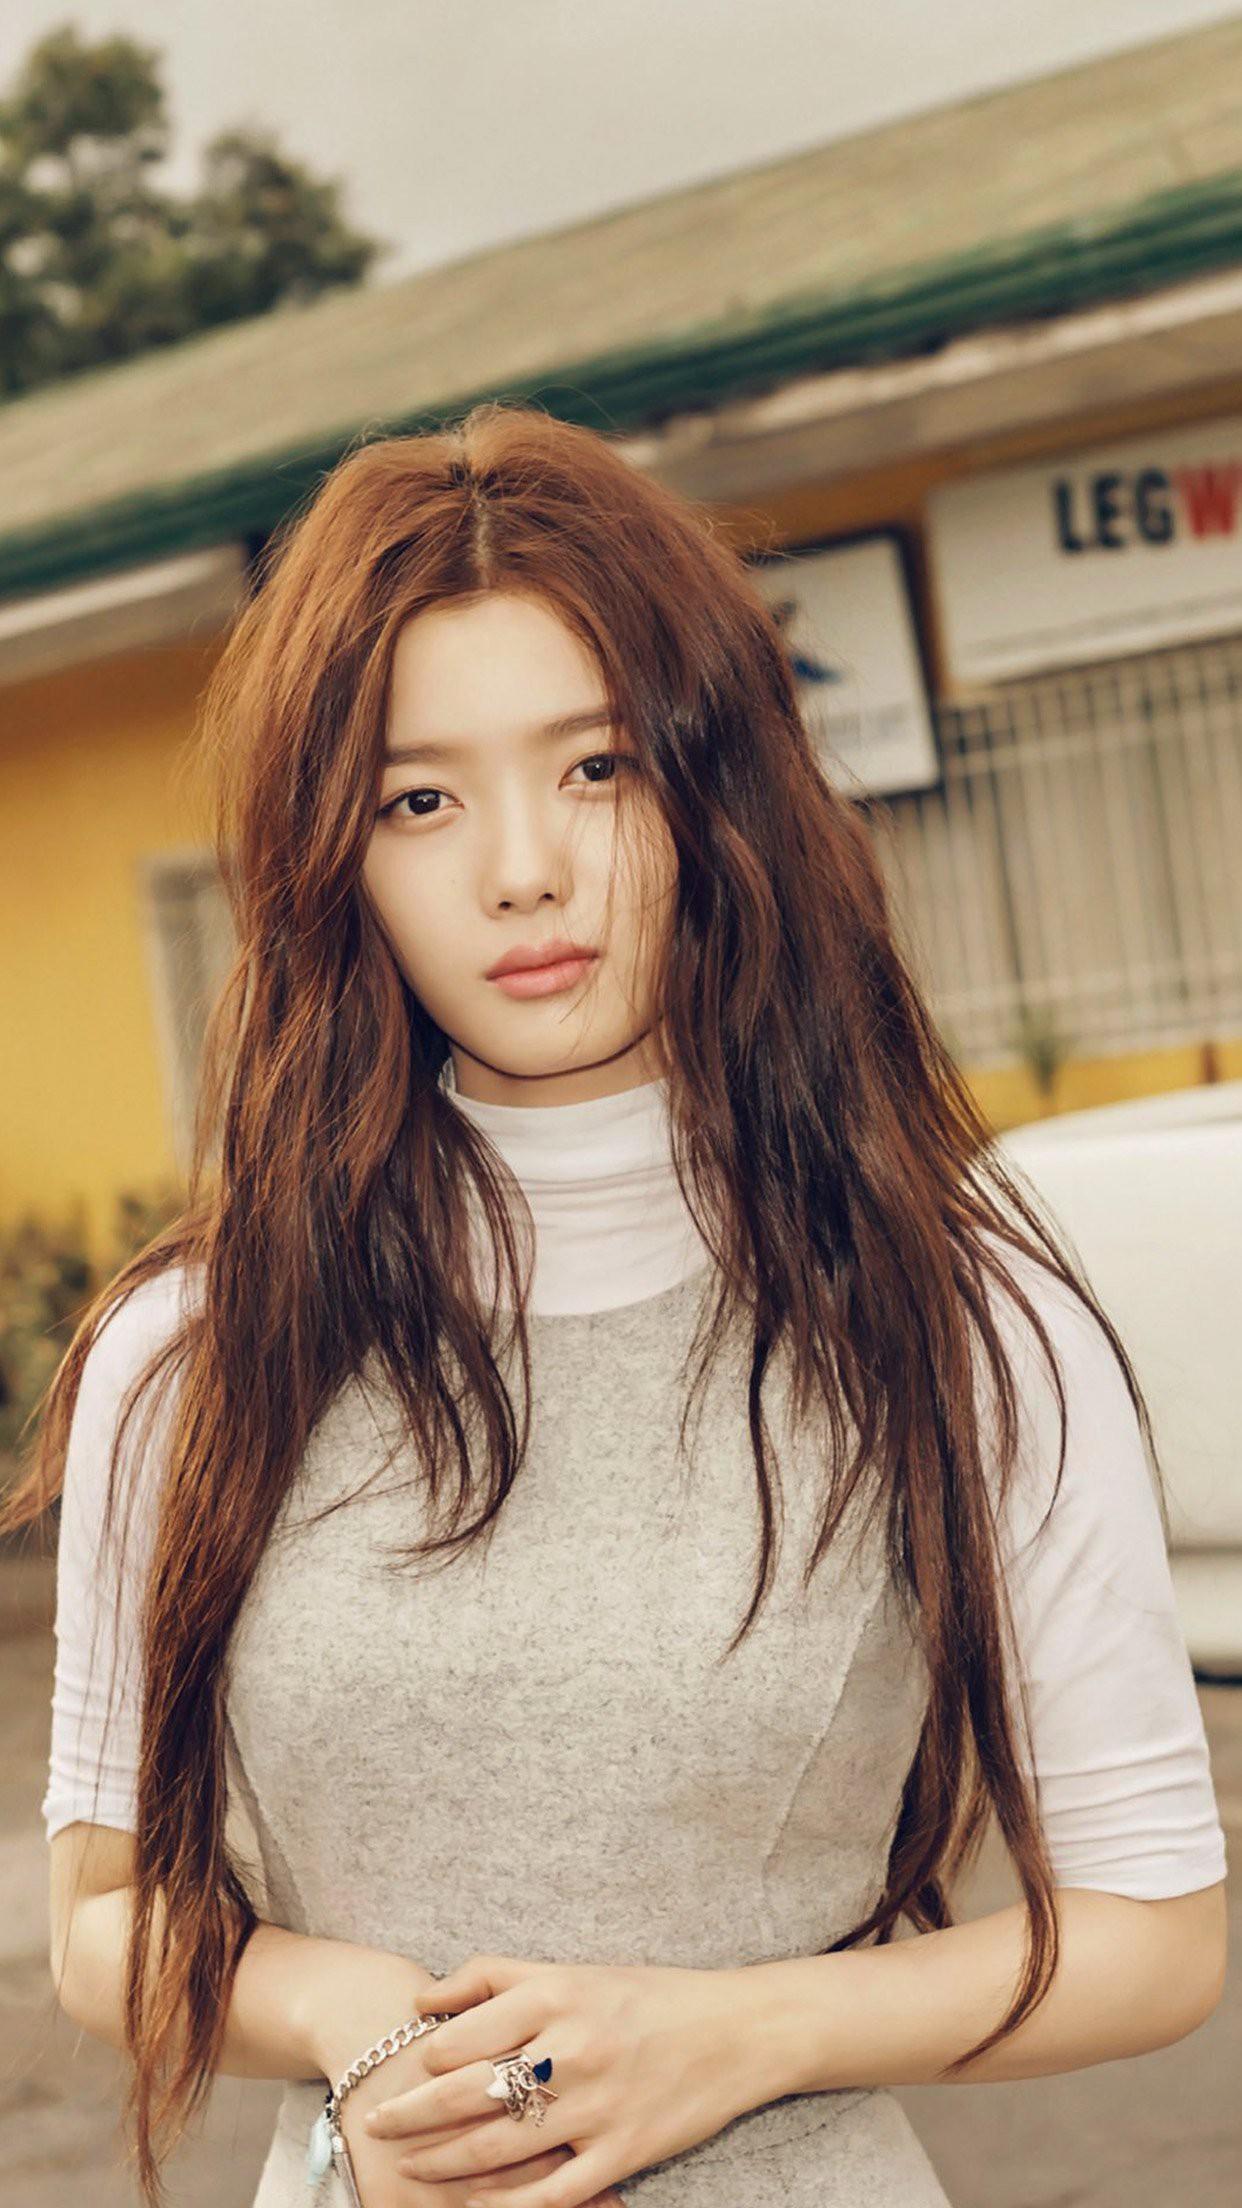 Top 30 diễn viên hot nhất: Park Bo Gum bị chê vẫn vượt mặt chị Song và Hyun Bin, vị trí Park Shin Hye mới bất ngờ - Ảnh 6.